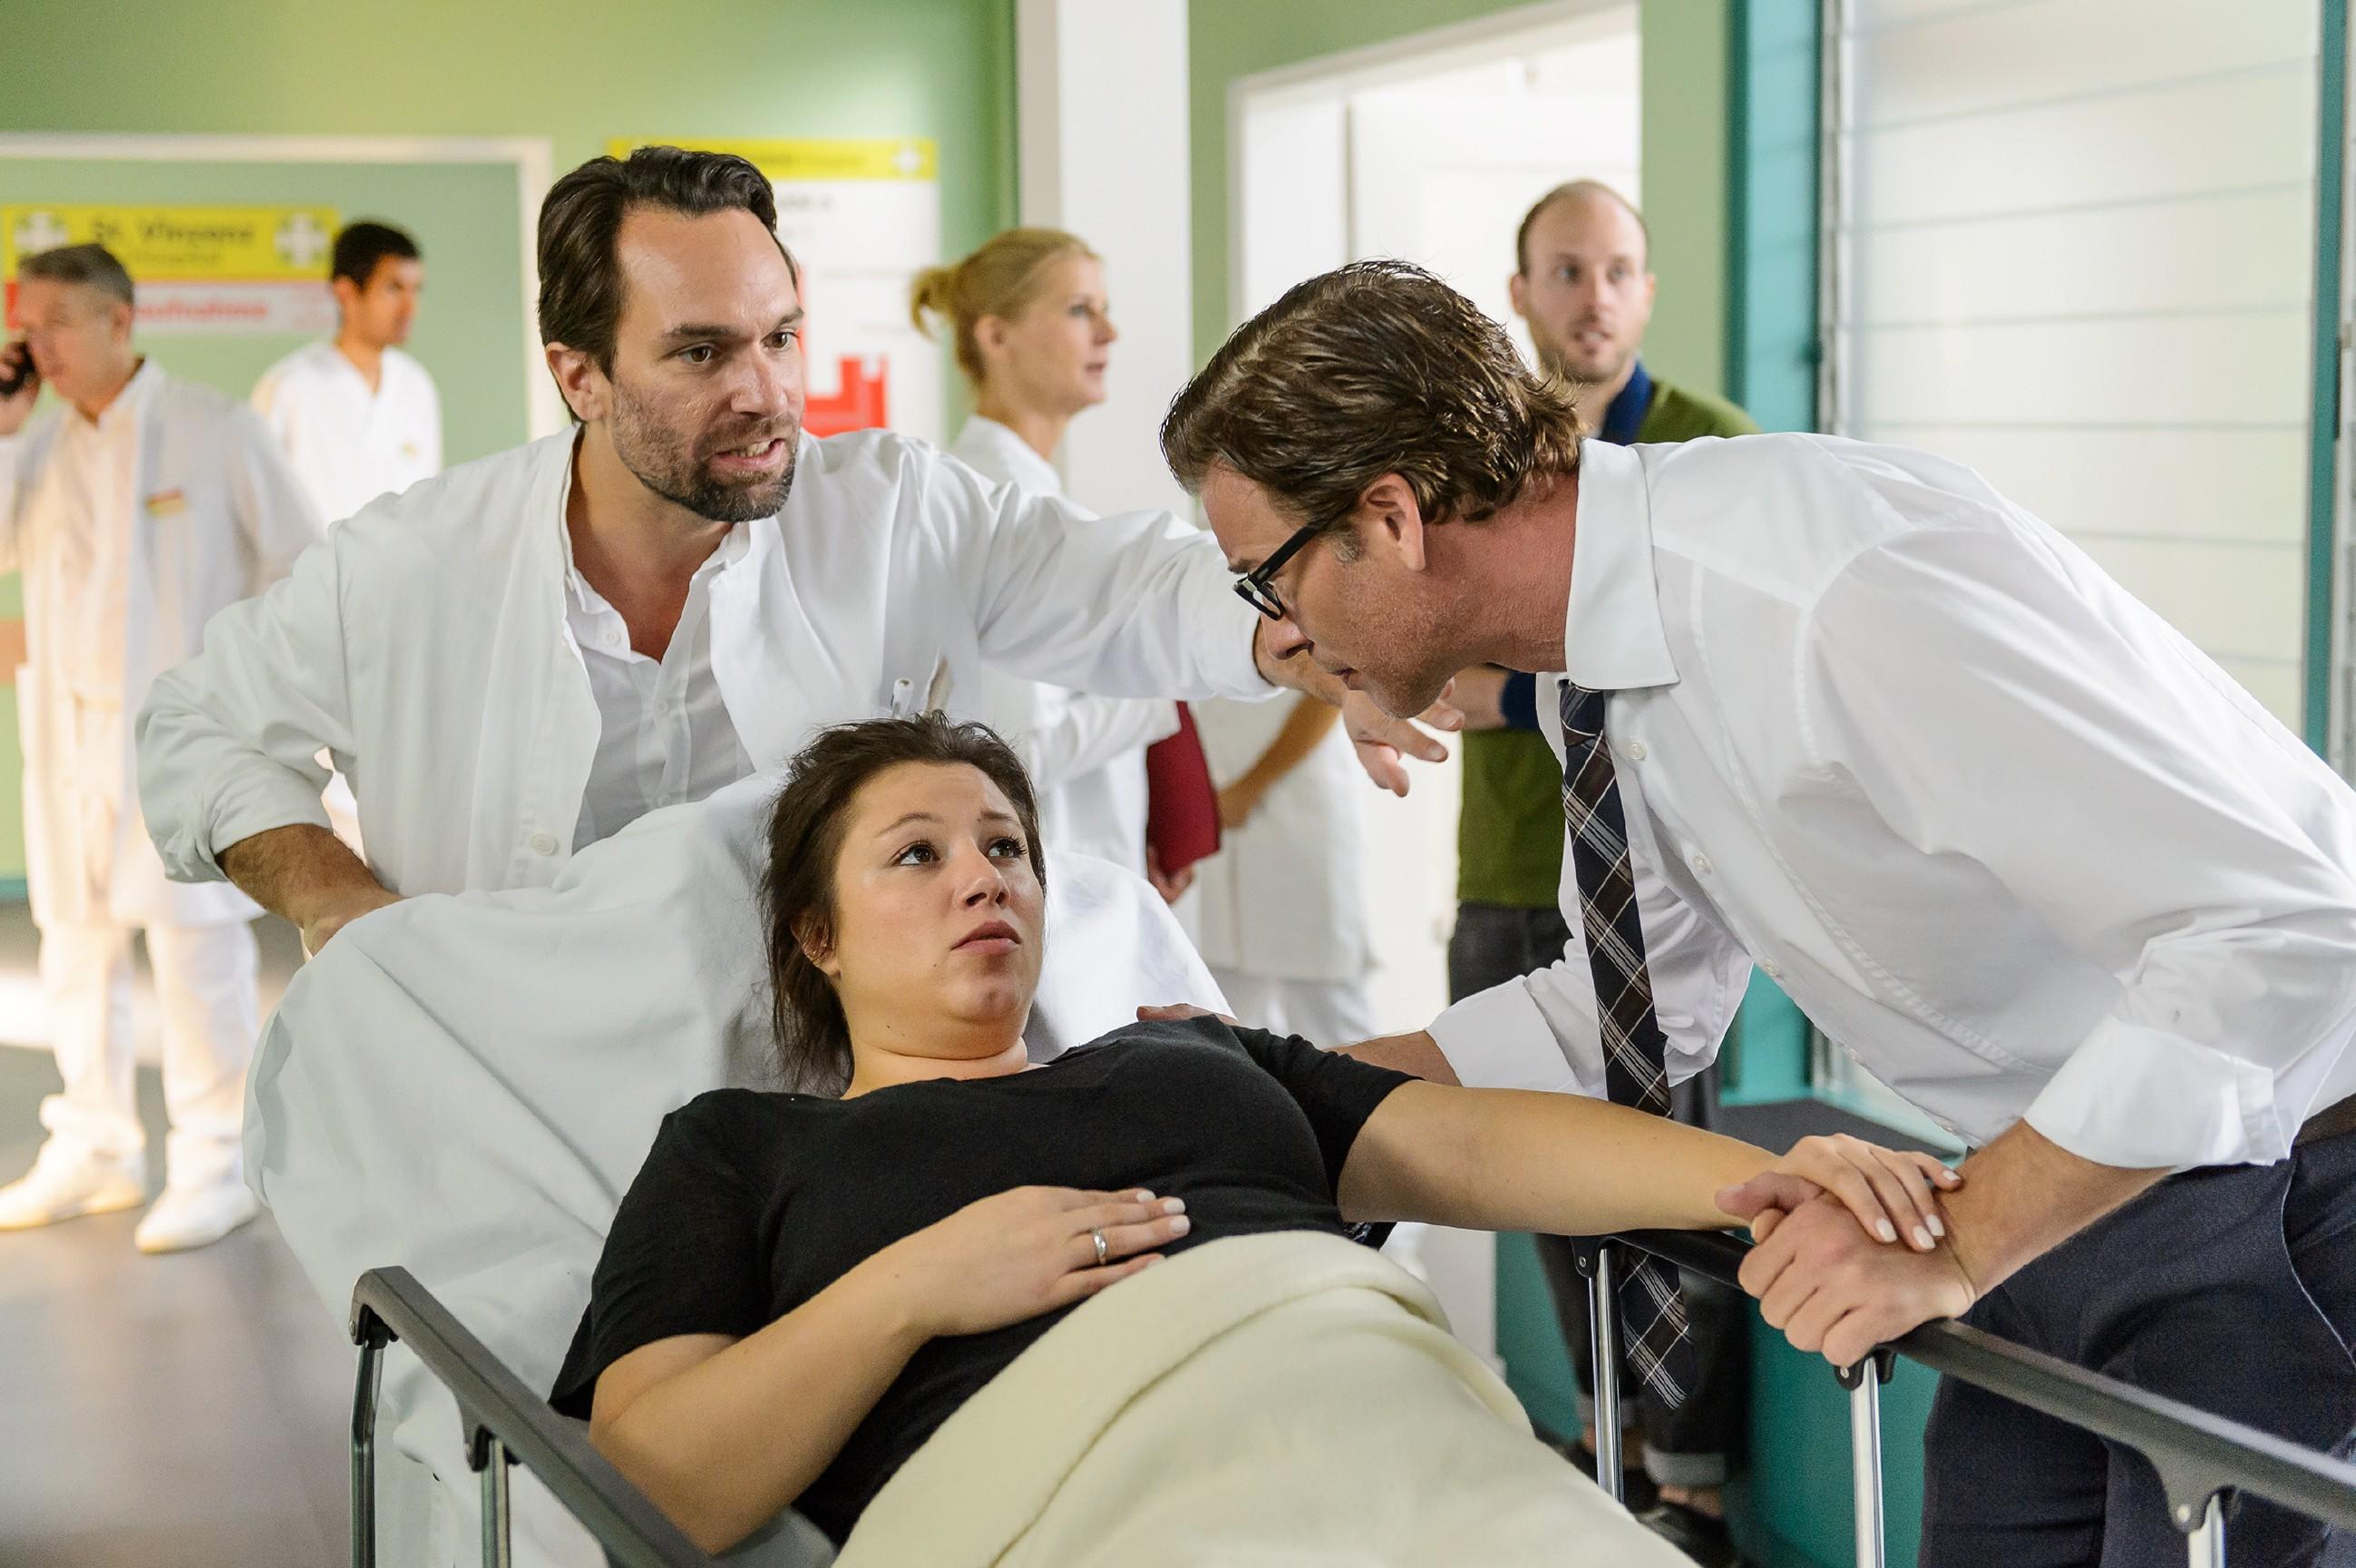 Vanessa (Julia Augustin) hatte in der Nacht Blutungen, weshalb Christoph (Lars Korten, r.) sie ins Krankenhaus gefahren hat. Thomas (Daniel Brockhaus) bringt die beiden in ein Behandlungszimmer zu Vanessas Ärztin Dr. Fink.